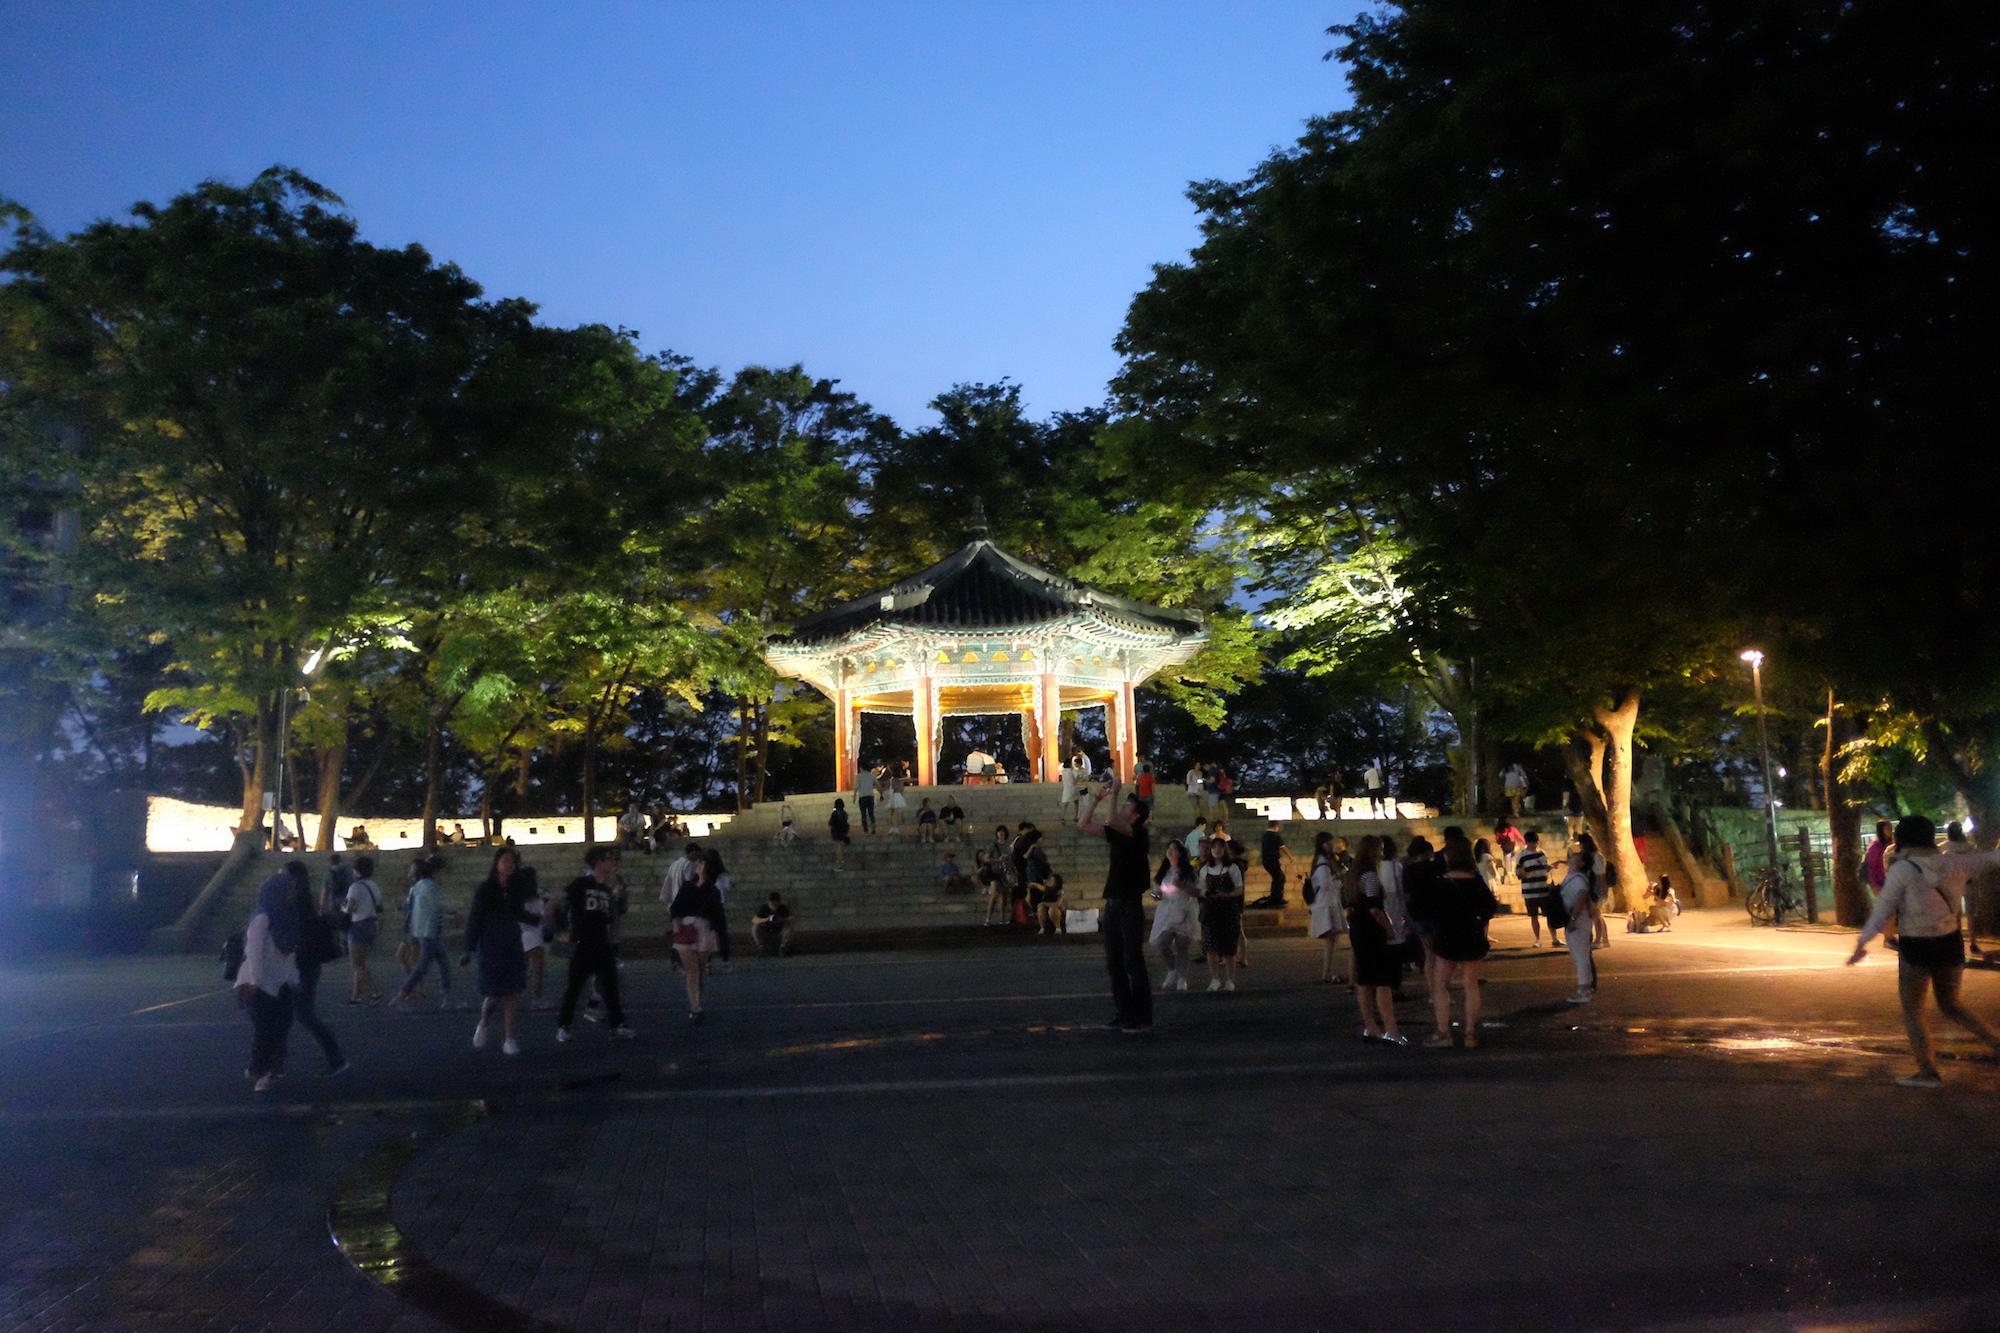 Coreeseoul00026